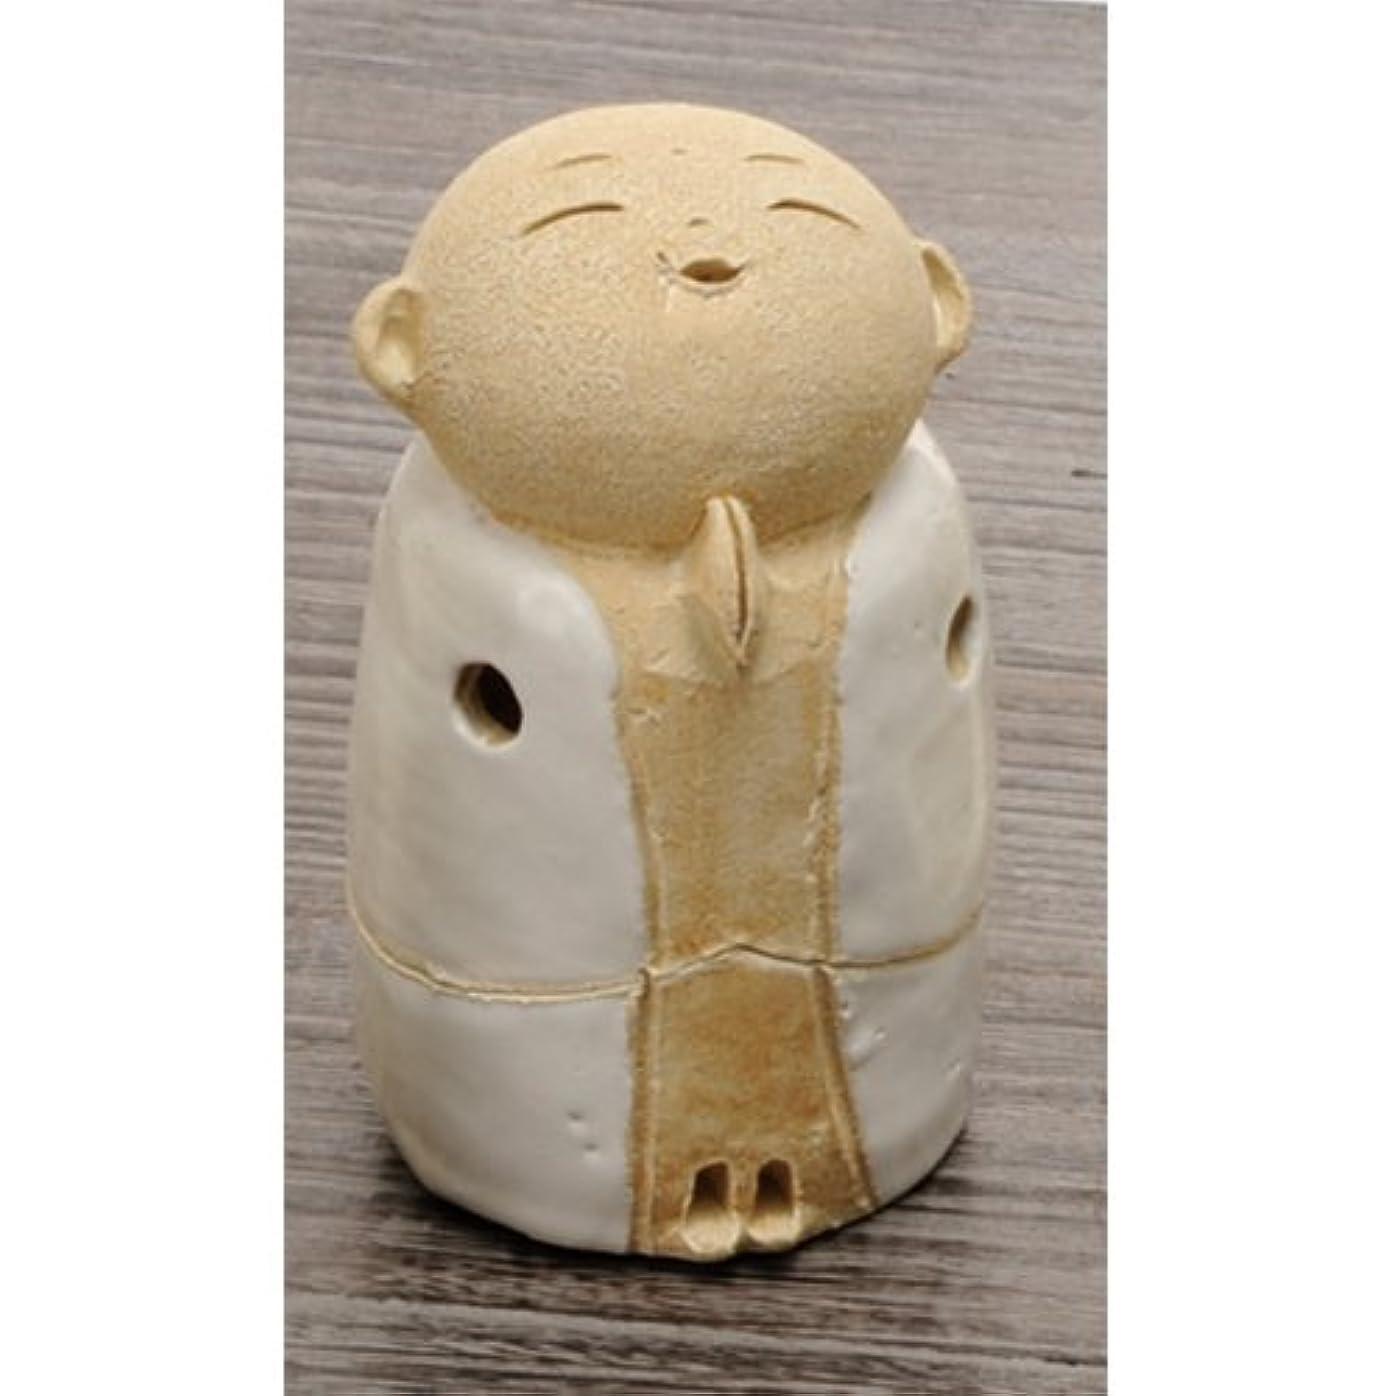 引き出すカヌー年齢お地蔵様 香炉シリーズ 白 お地蔵様 香炉 3.5寸(小) [H10cm] HANDMADE プレゼント ギフト 和食器 かわいい インテリア